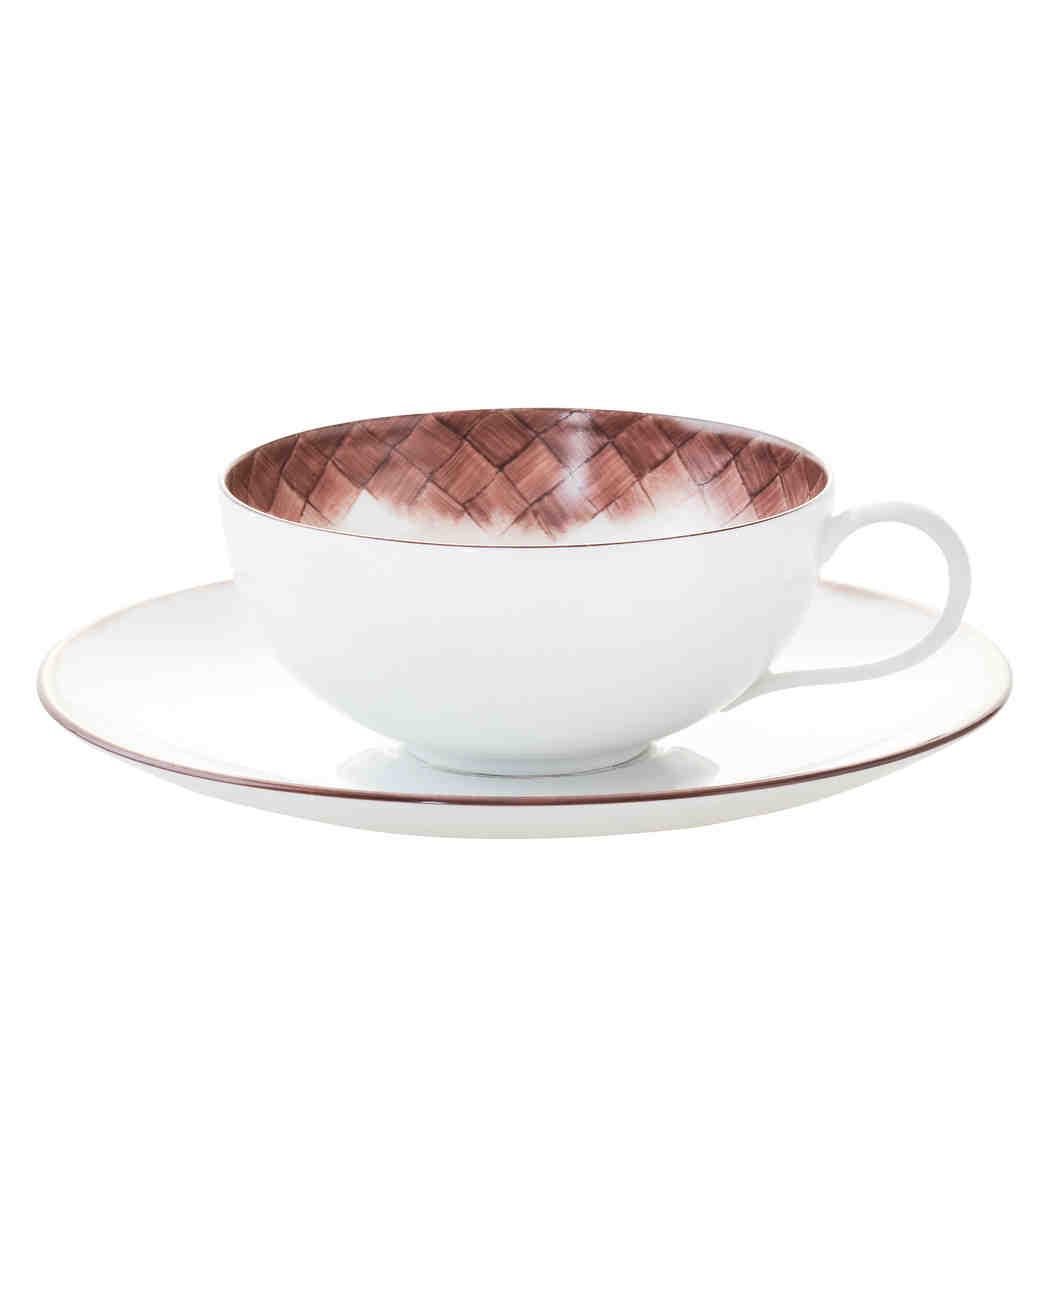 teacup-0811mwd107539.jpg